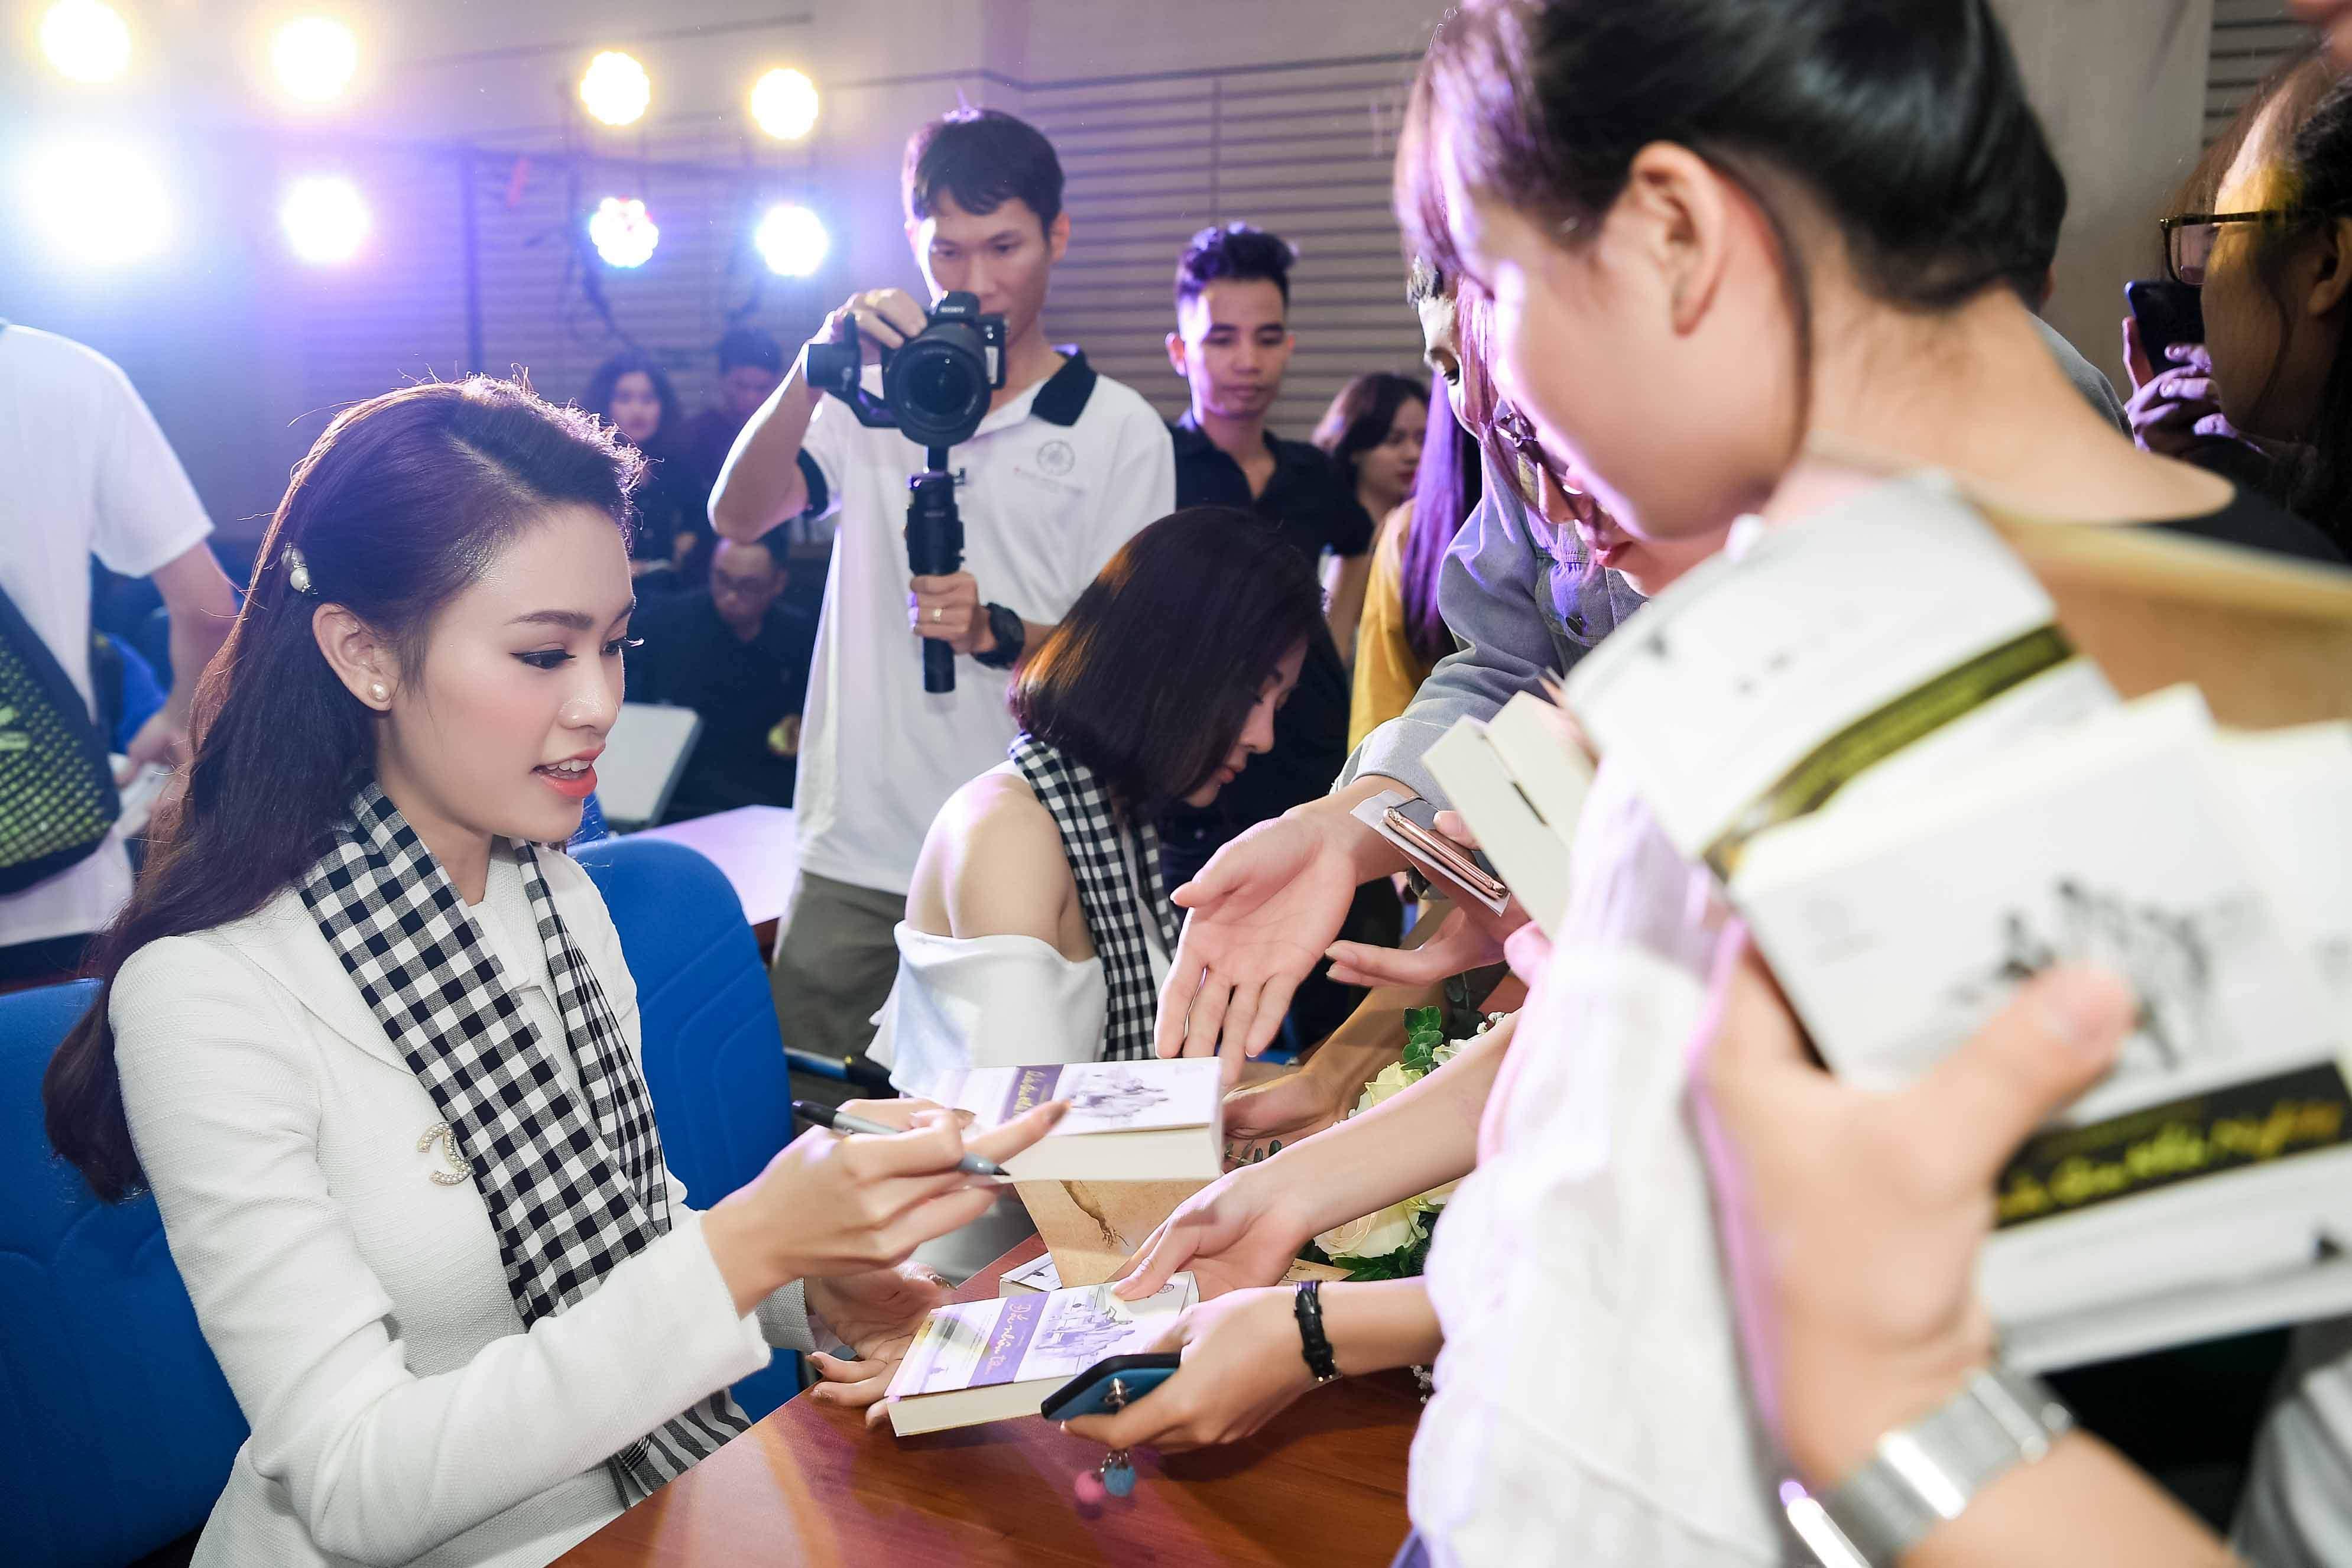 'Quỳnh búp bê' đi sự kiện bằng xế sang của vua cafe Đặng Lê Nguyên Vũ 6